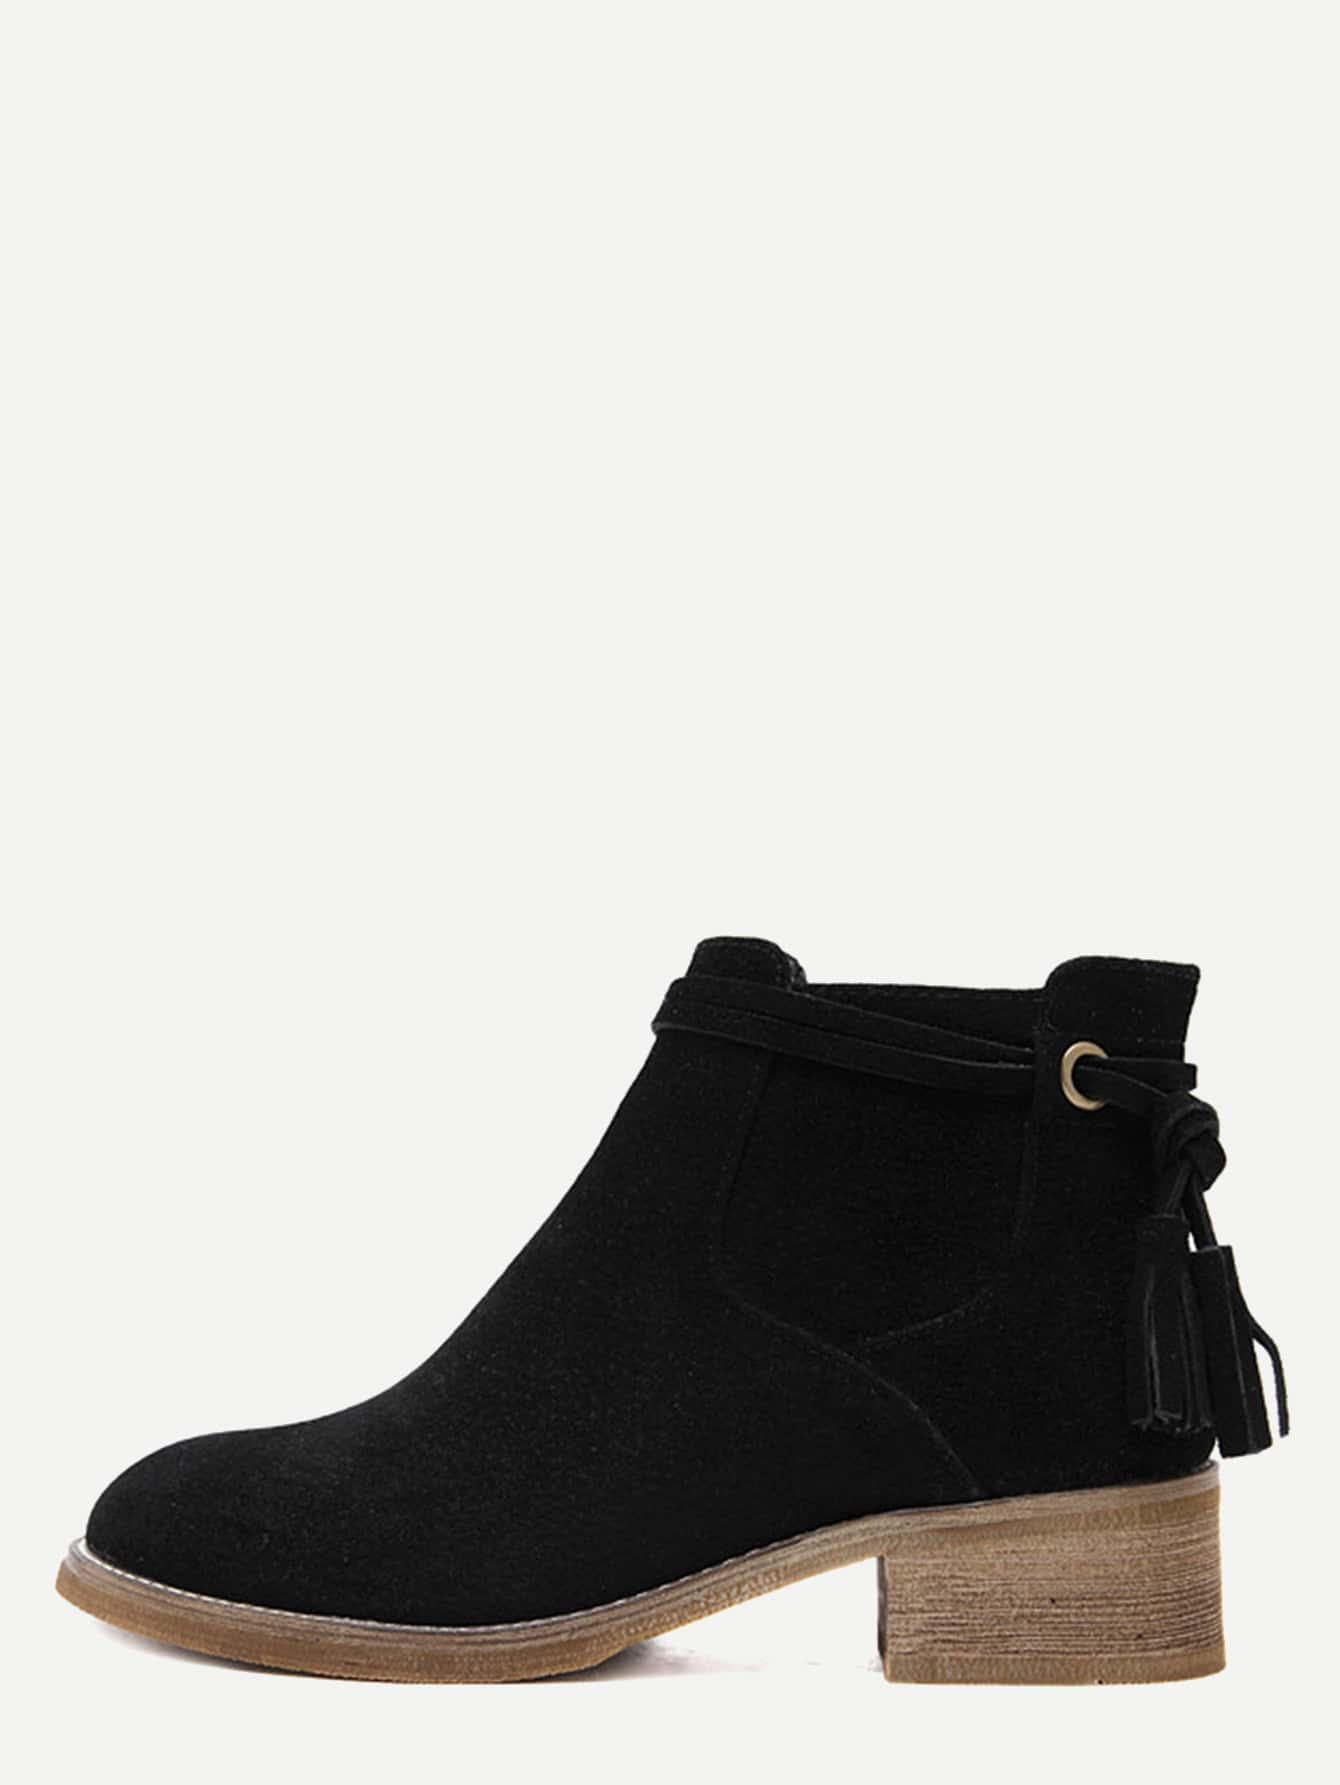 Black Faux Suede Distressed Tassel Cork Heel Ankle BootsBlack Faux Suede Distressed Tassel Cork Heel Ankle Boots<br><br>color: Black<br>size: EUR35,EUR40